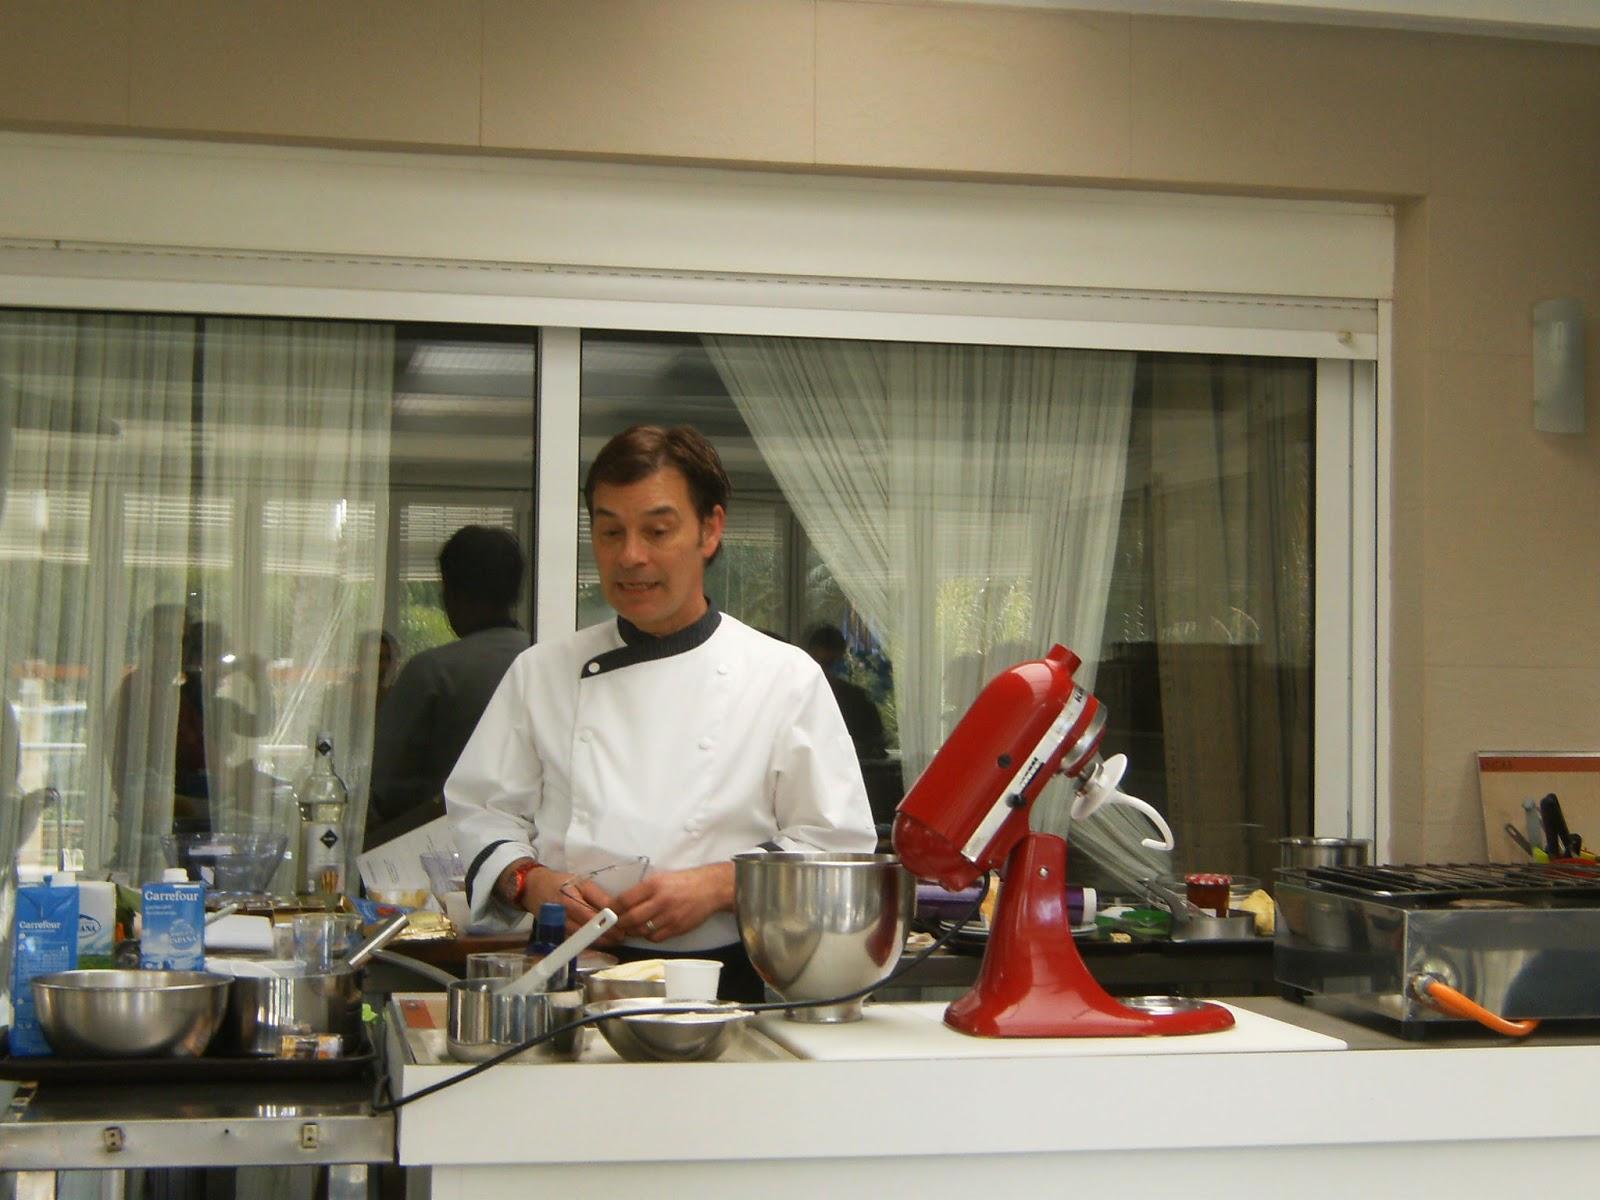 Todos la mesa curso de cocina la font taller de - Curso de cocina francesa ...